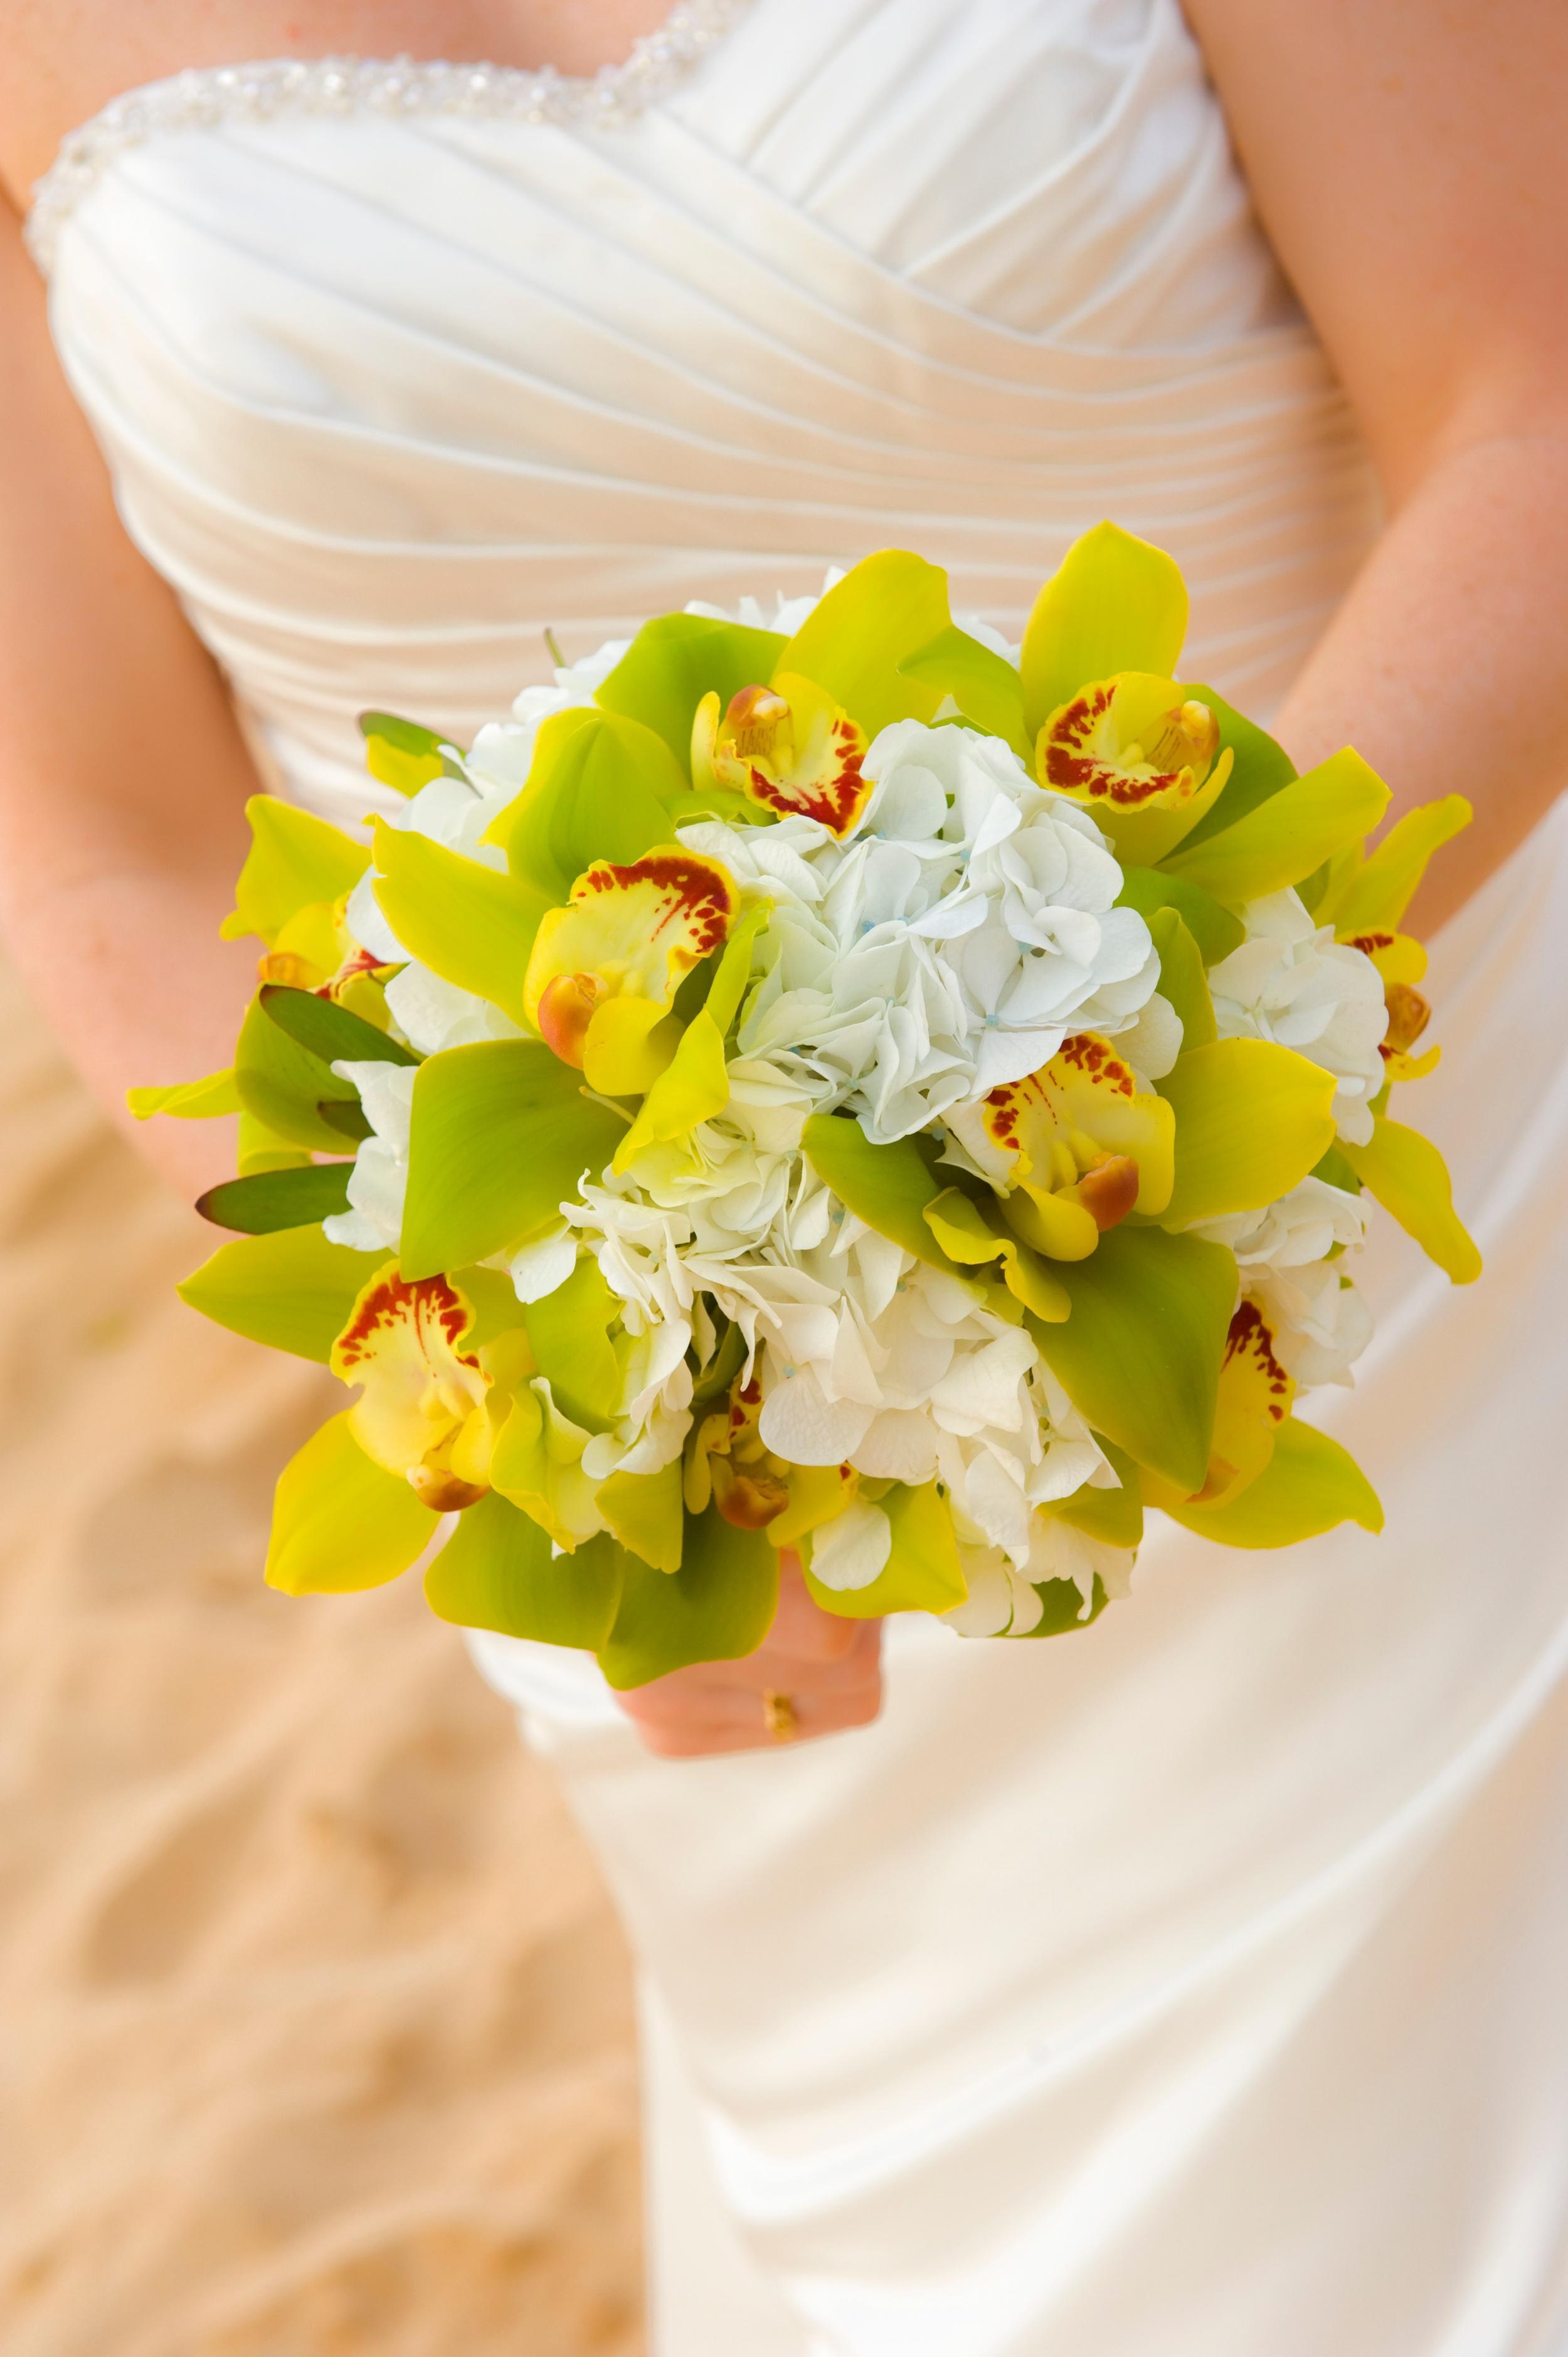 Wedding++31709-1852470665-O.jpg